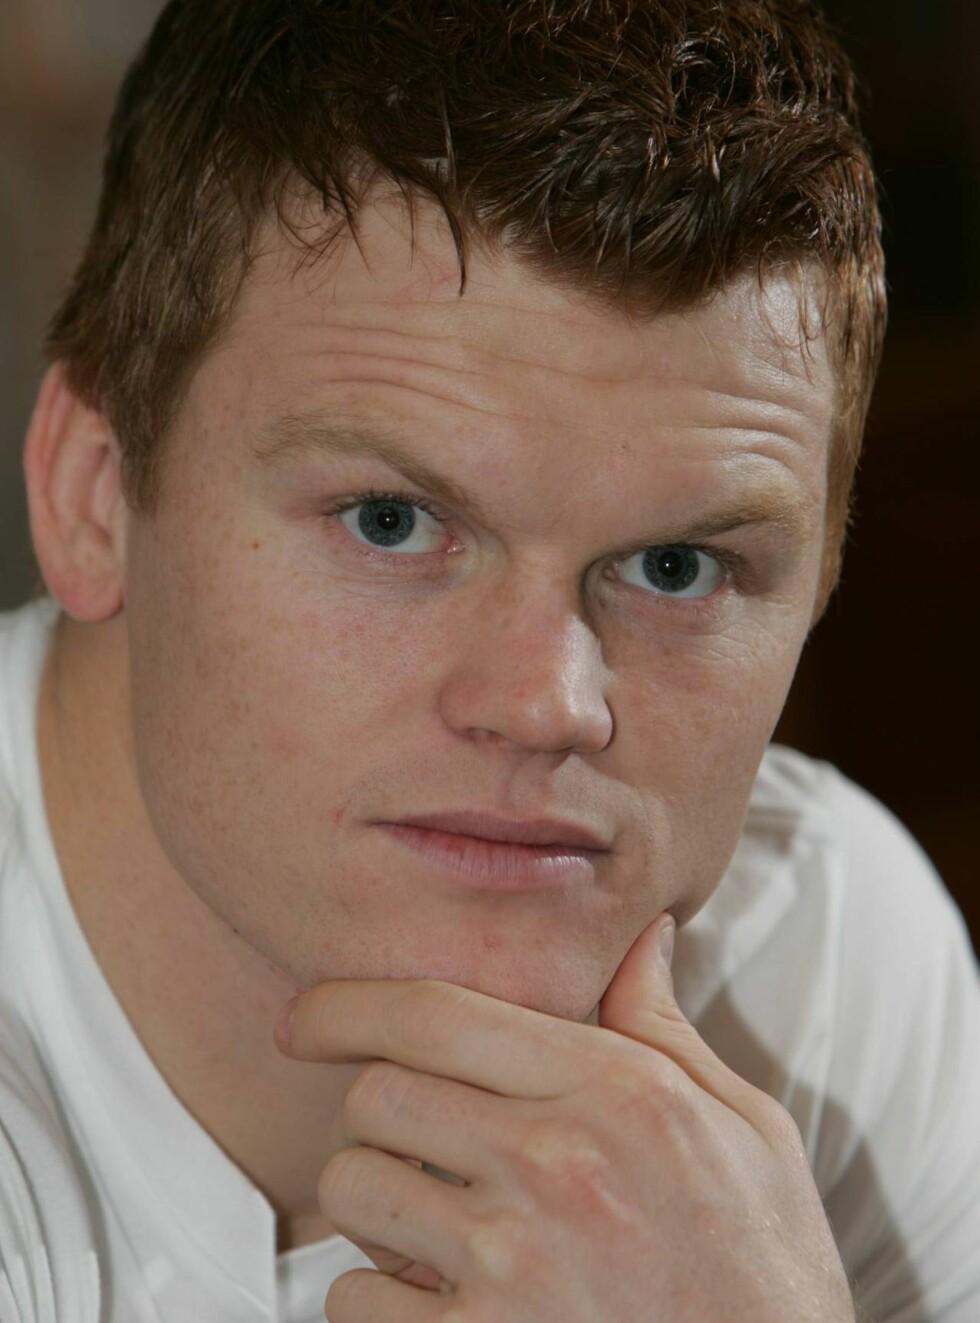 GIFTEKLAR: John Arne Riise blir godt passet på av forloveden Maria Elvegård. Når kommer bryllupet? Foto: Se og Hør